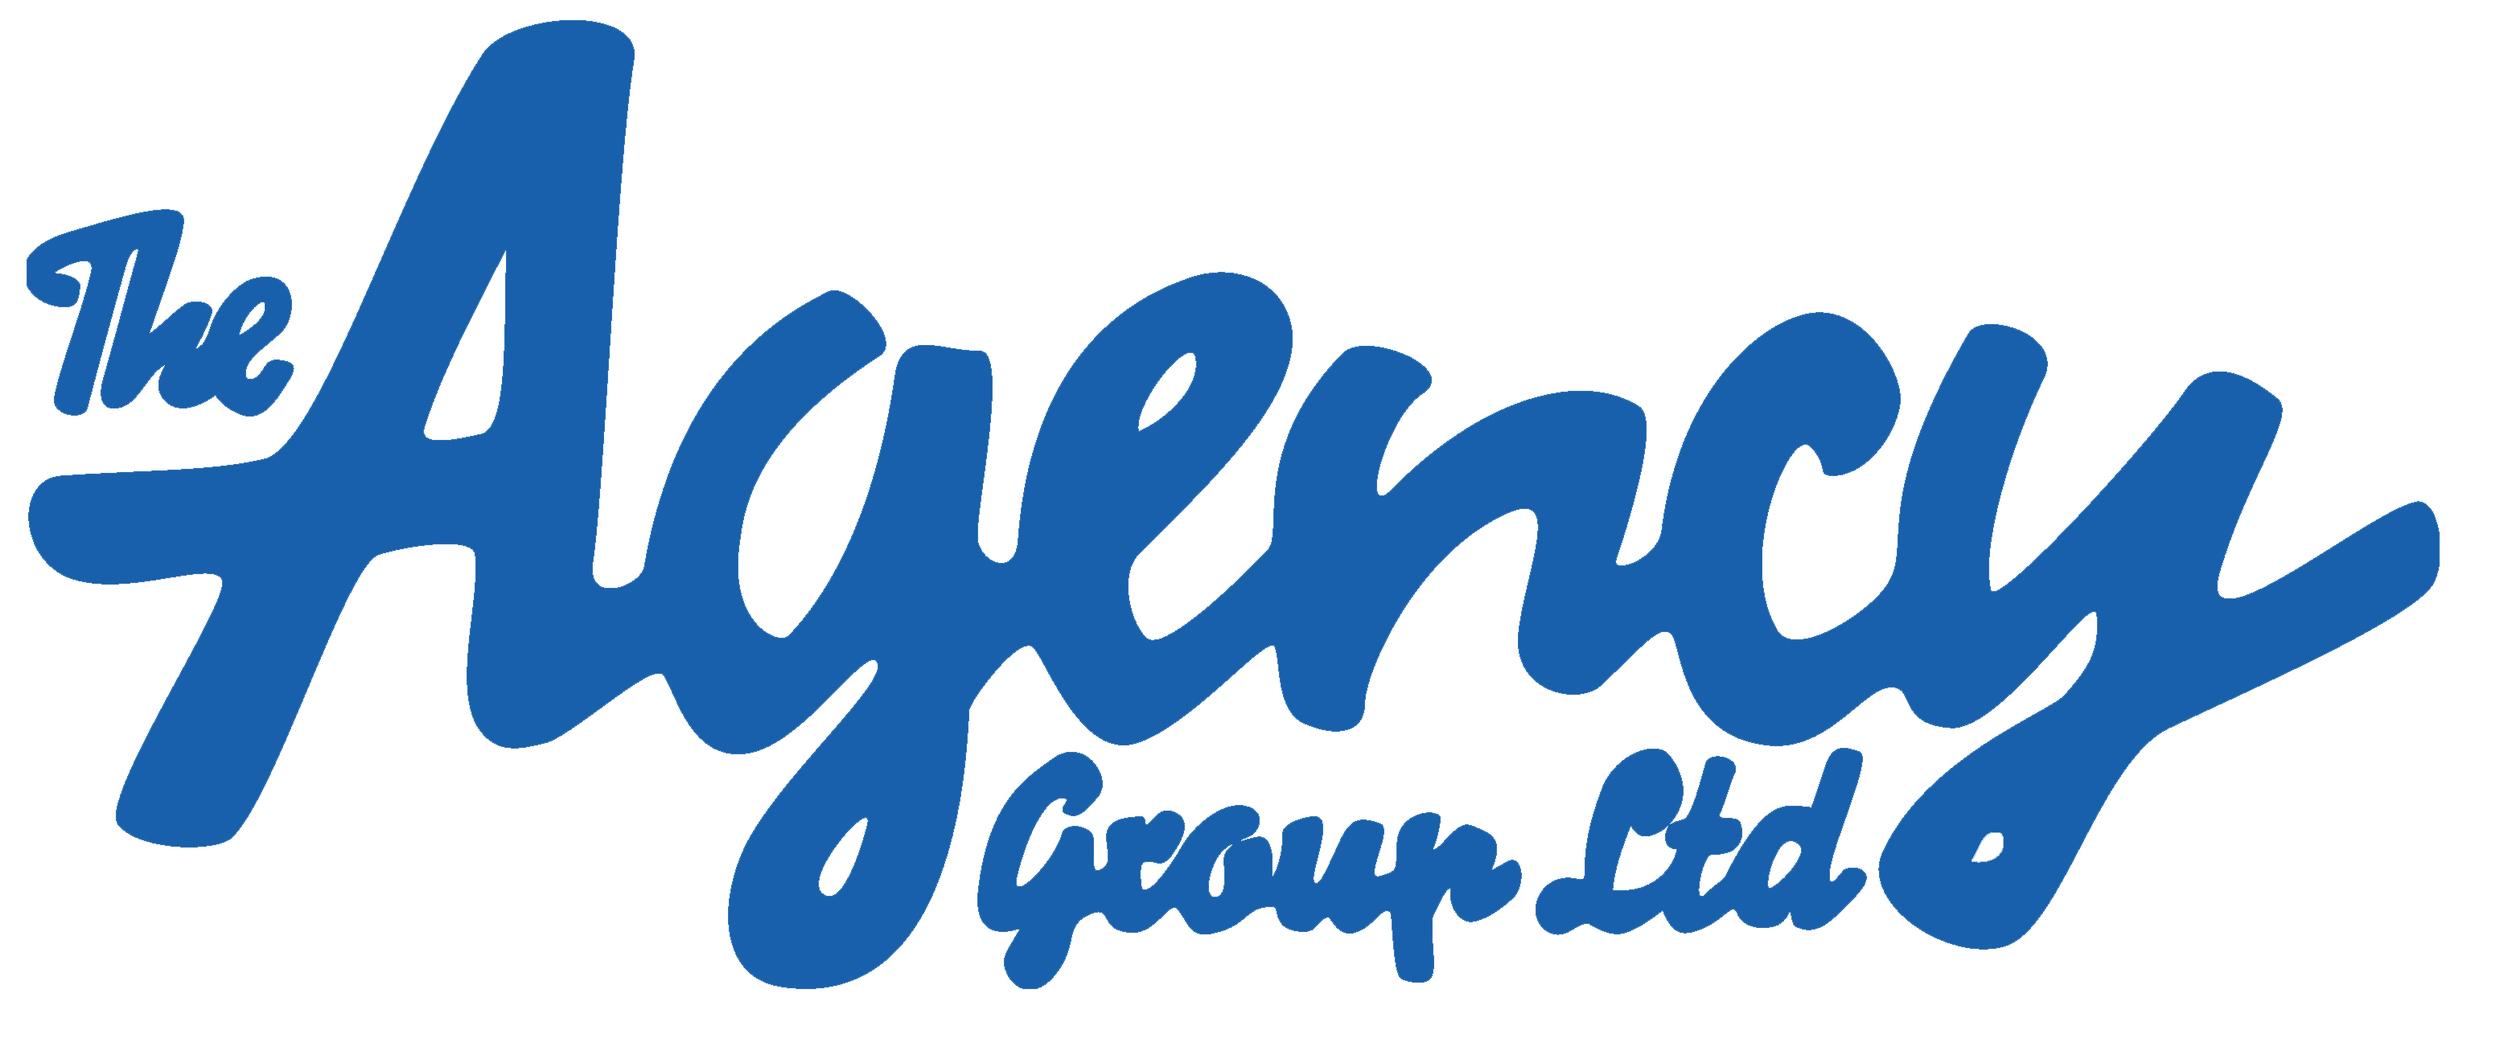 blue_high_res_logo.jpg